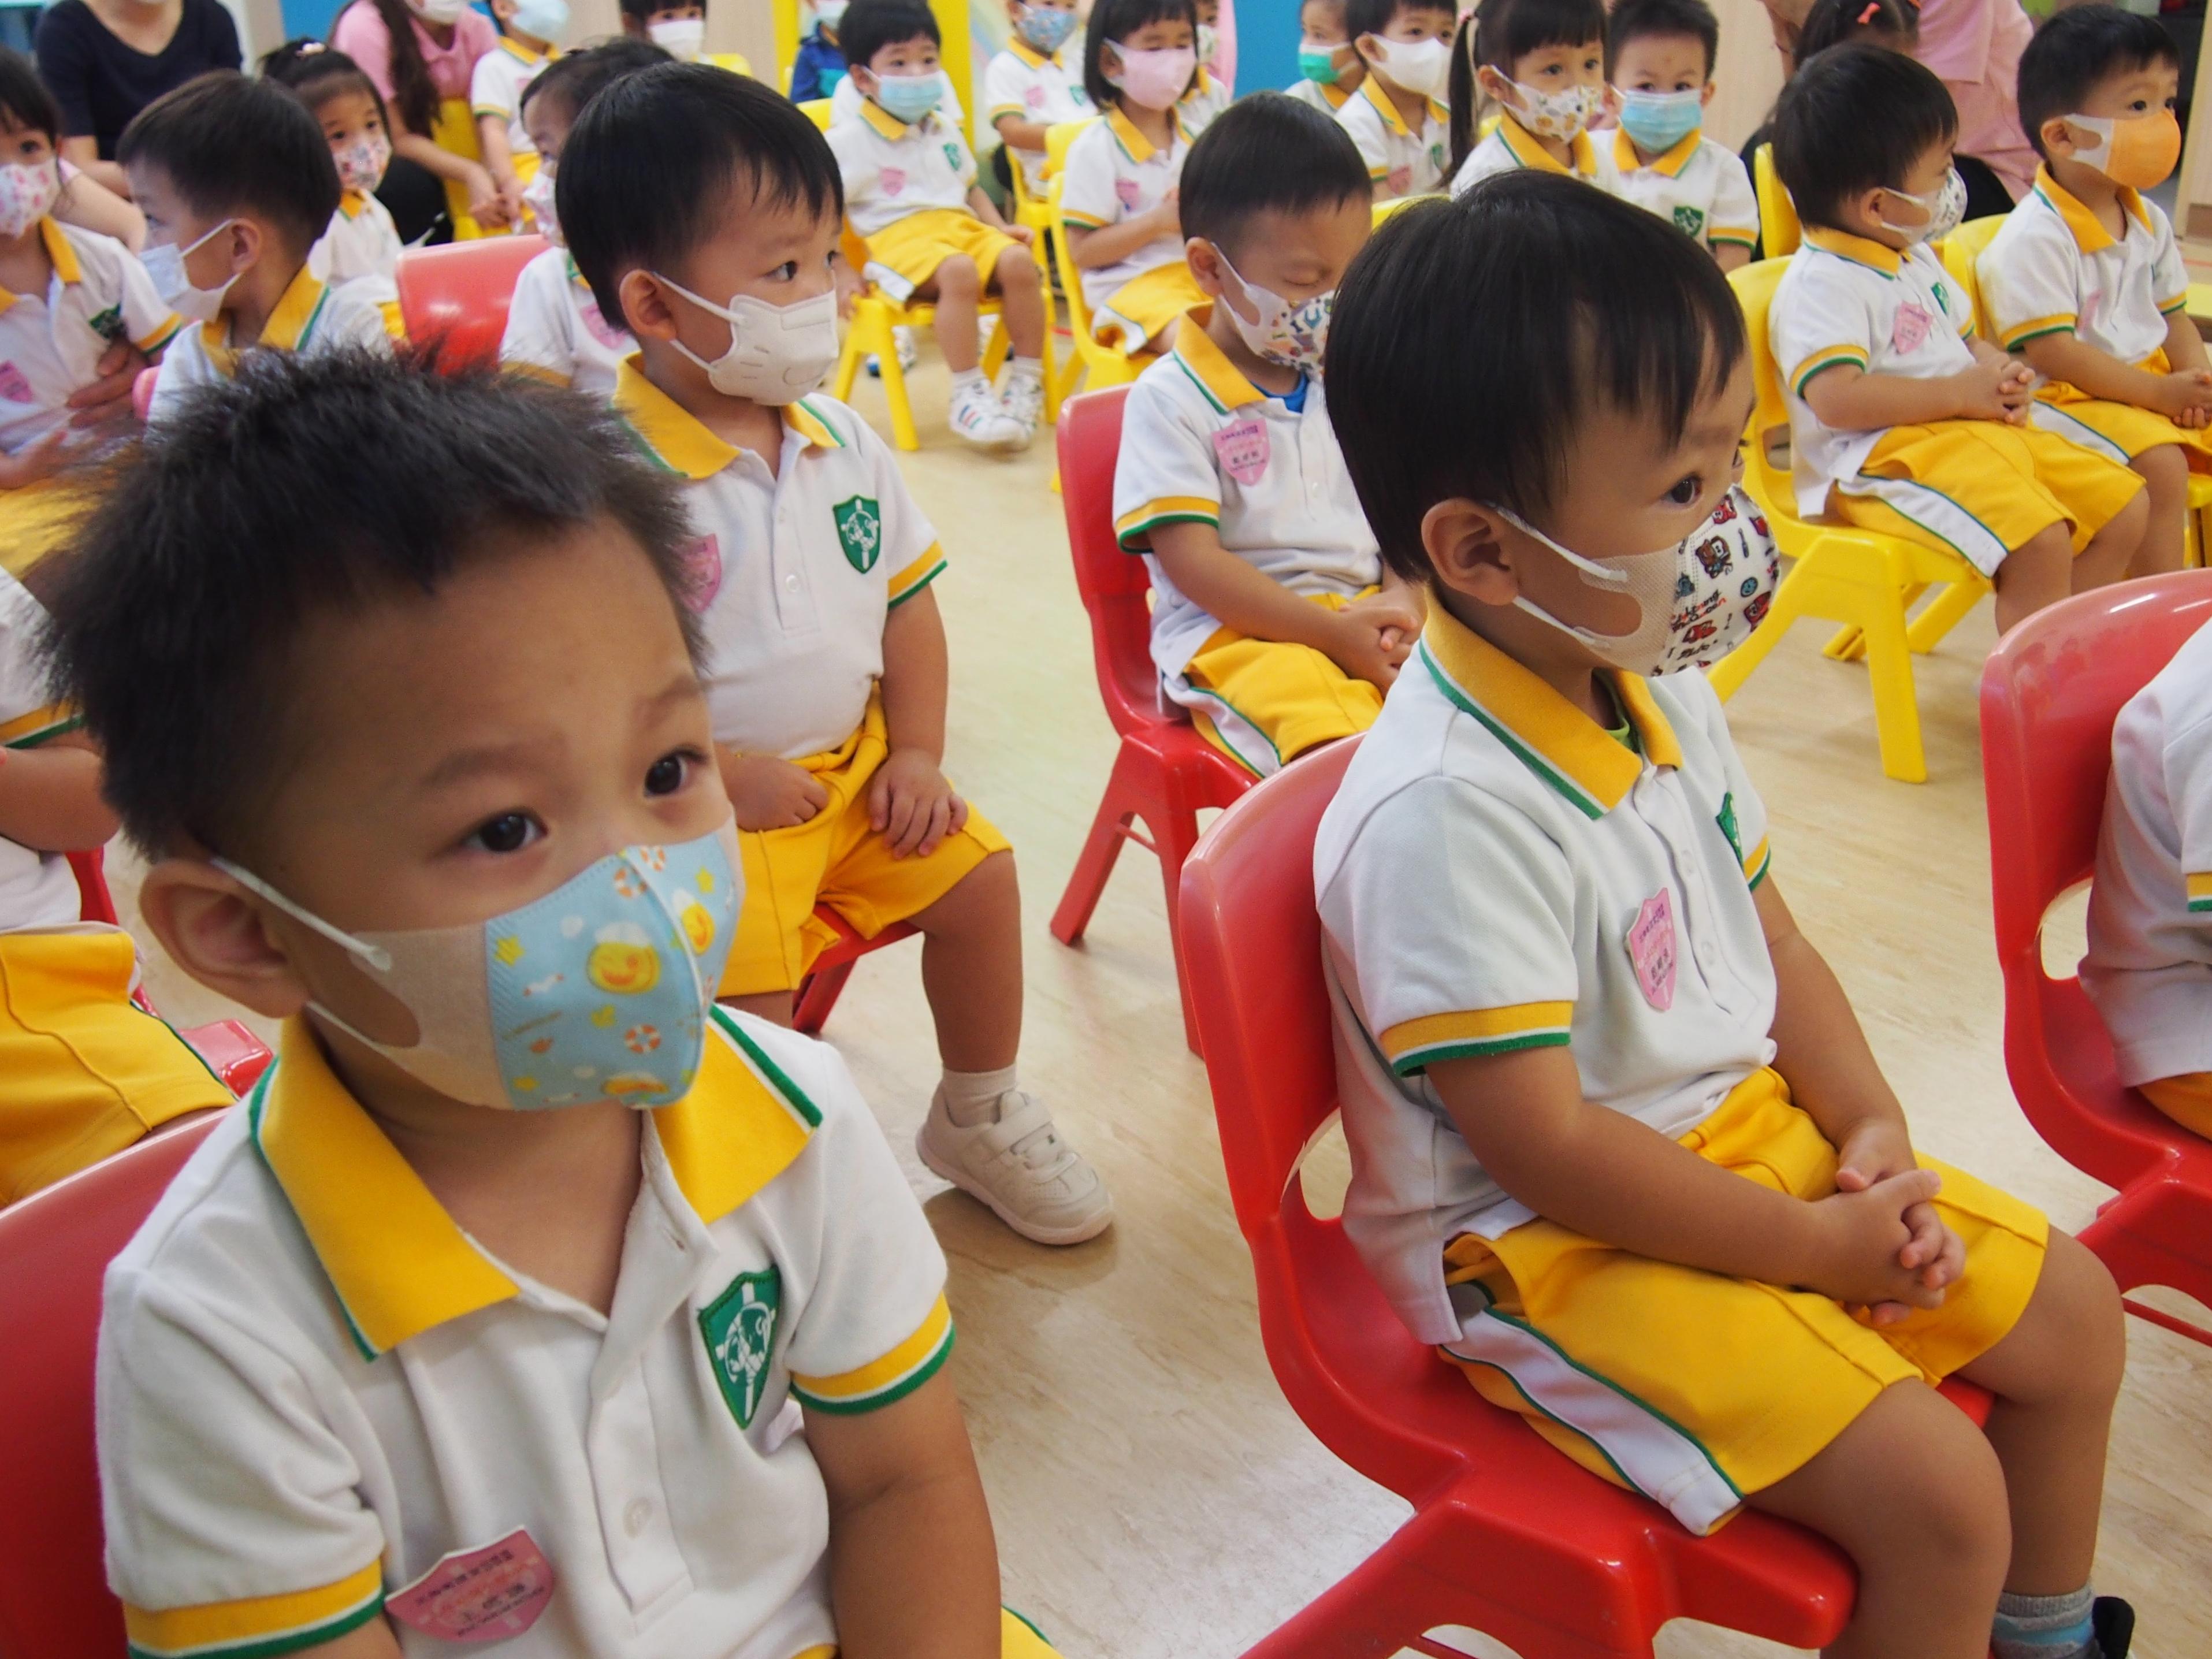 http://npmc.edu.hk/sites/default/files/p9240103a.jpg